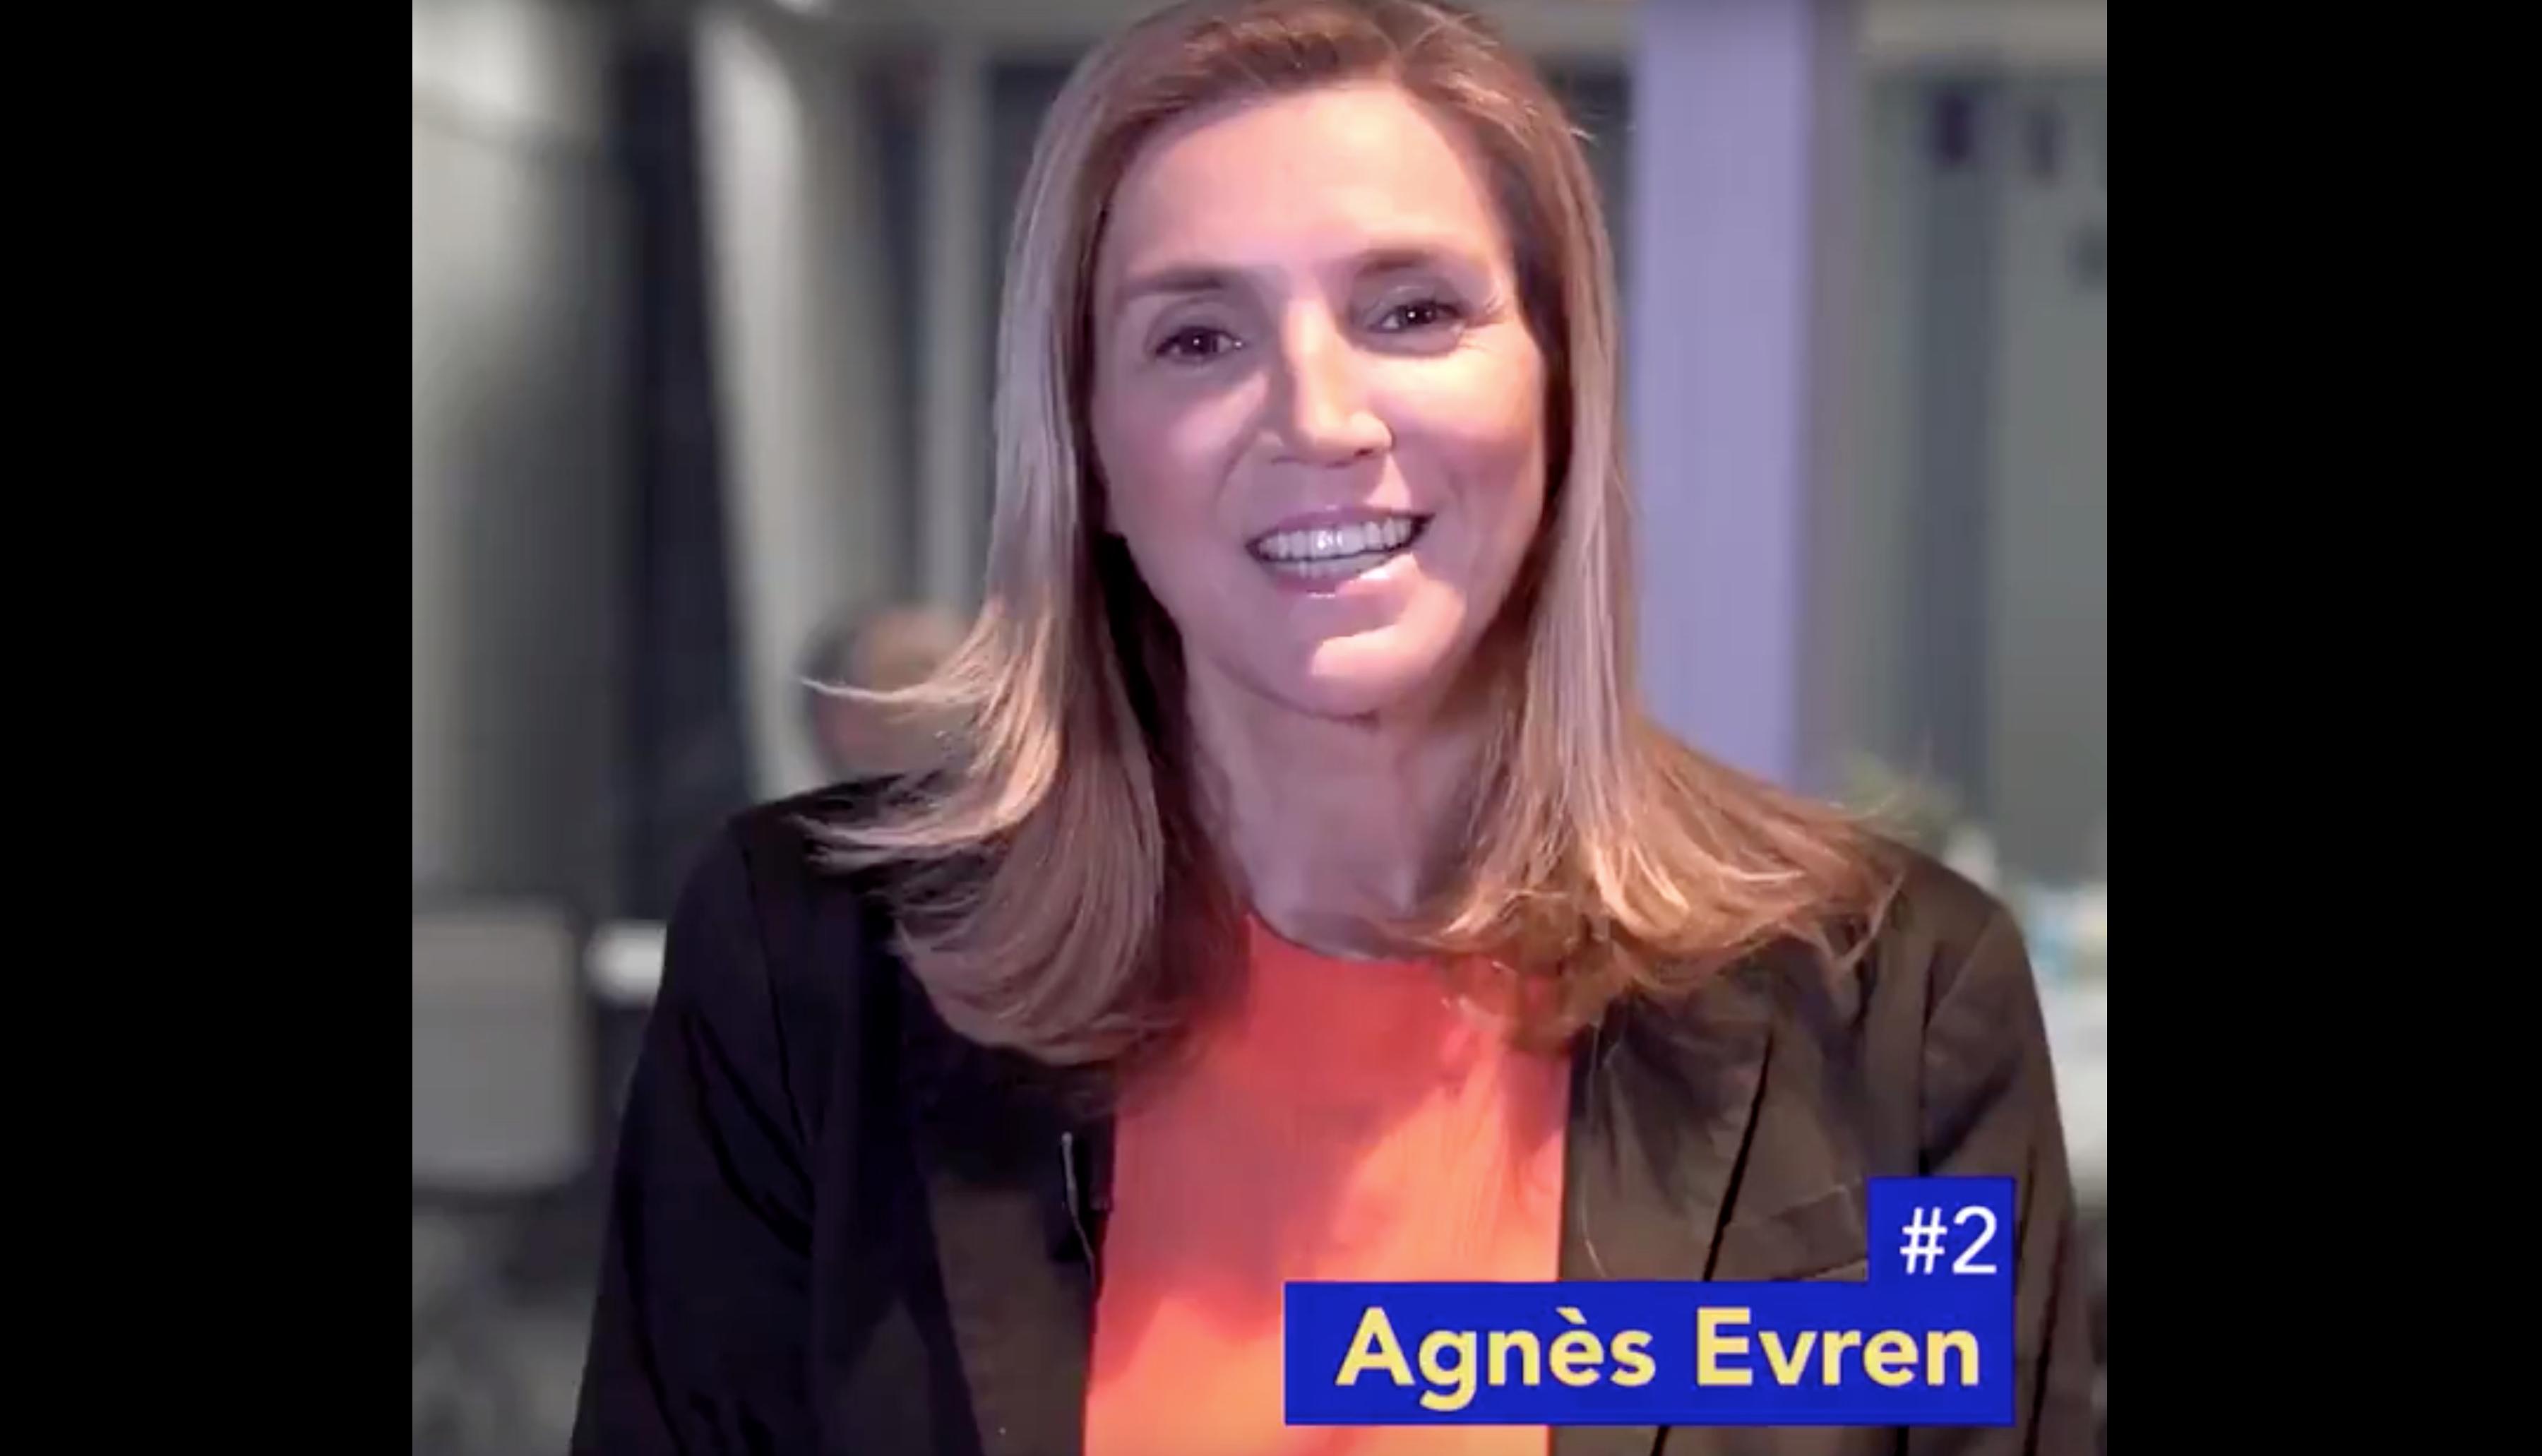 Vidéo de présentation d'Agnès Evren, numéro 2 de la liste LR aux élections européennes